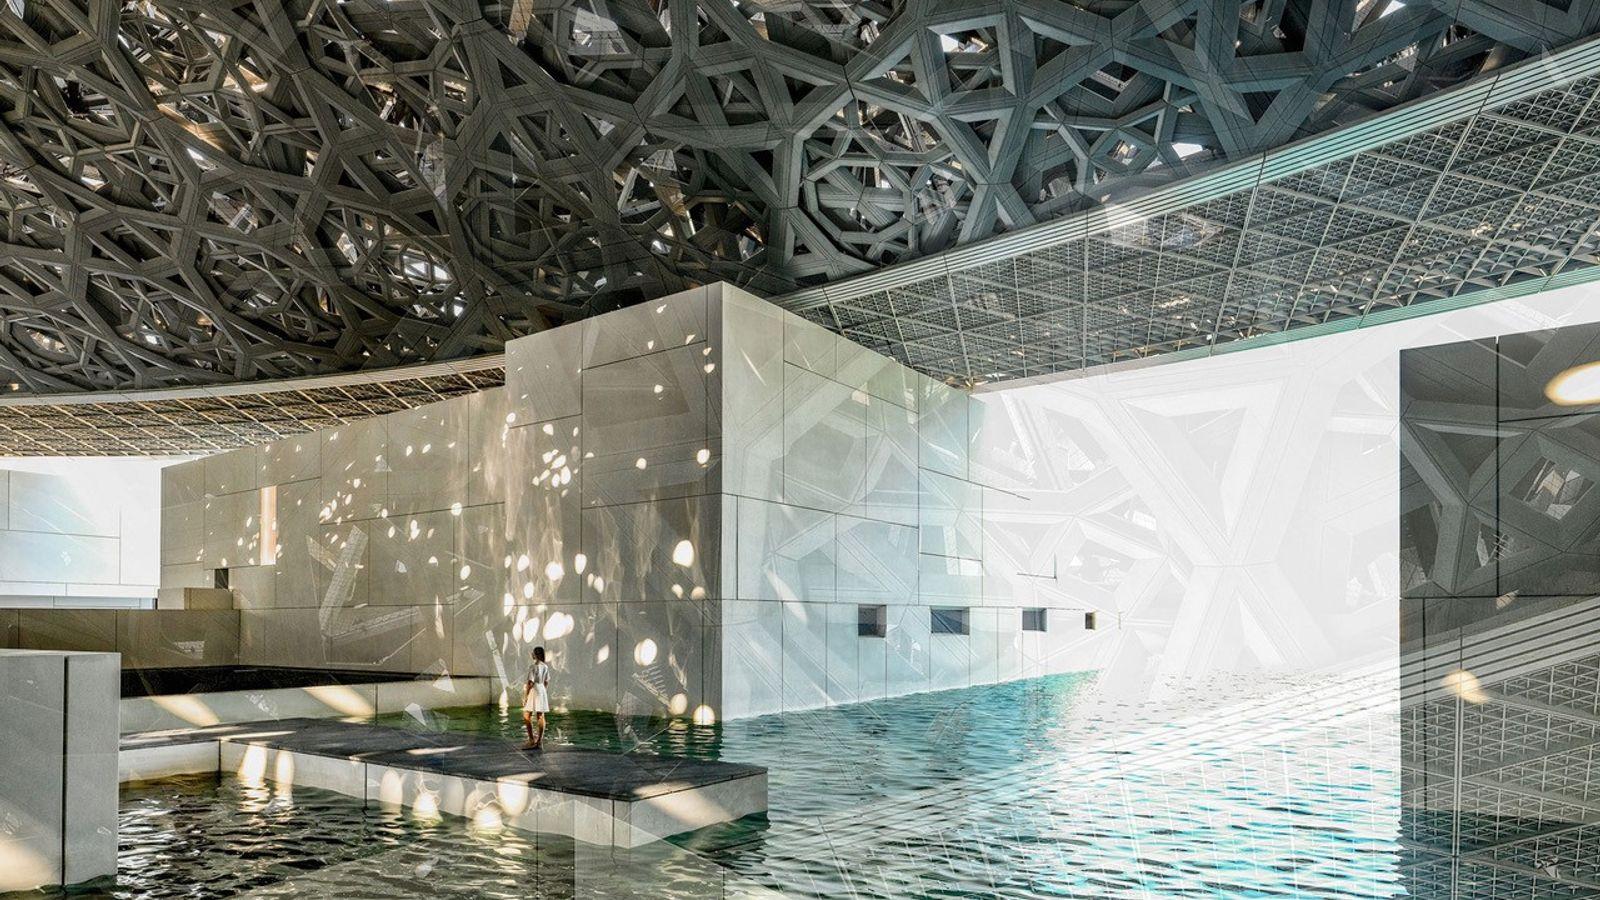 Nicolas Ruel Abu Dhabi Cityscapes